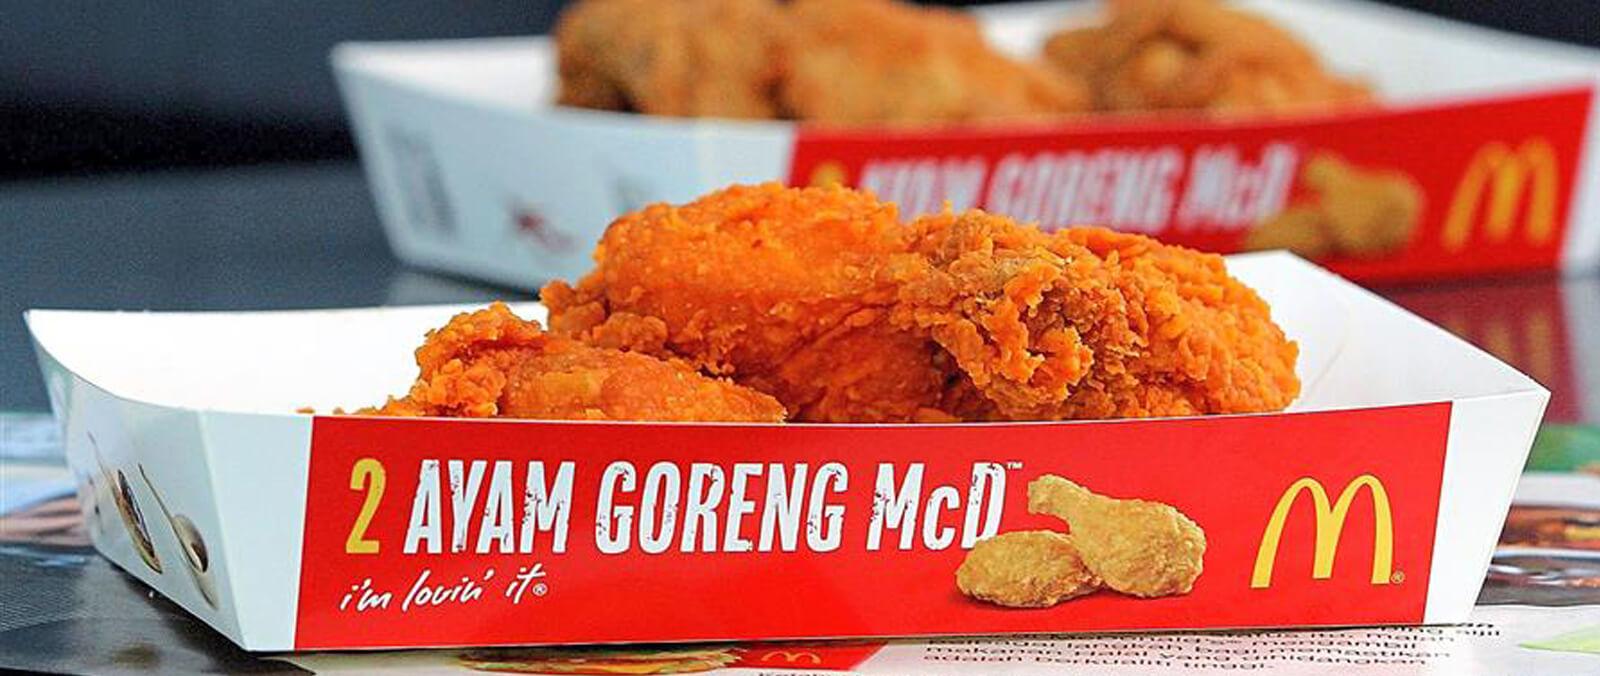 McDonalds pollo - McDonald's reducirá uso de antibióticos en sus productos de pollo